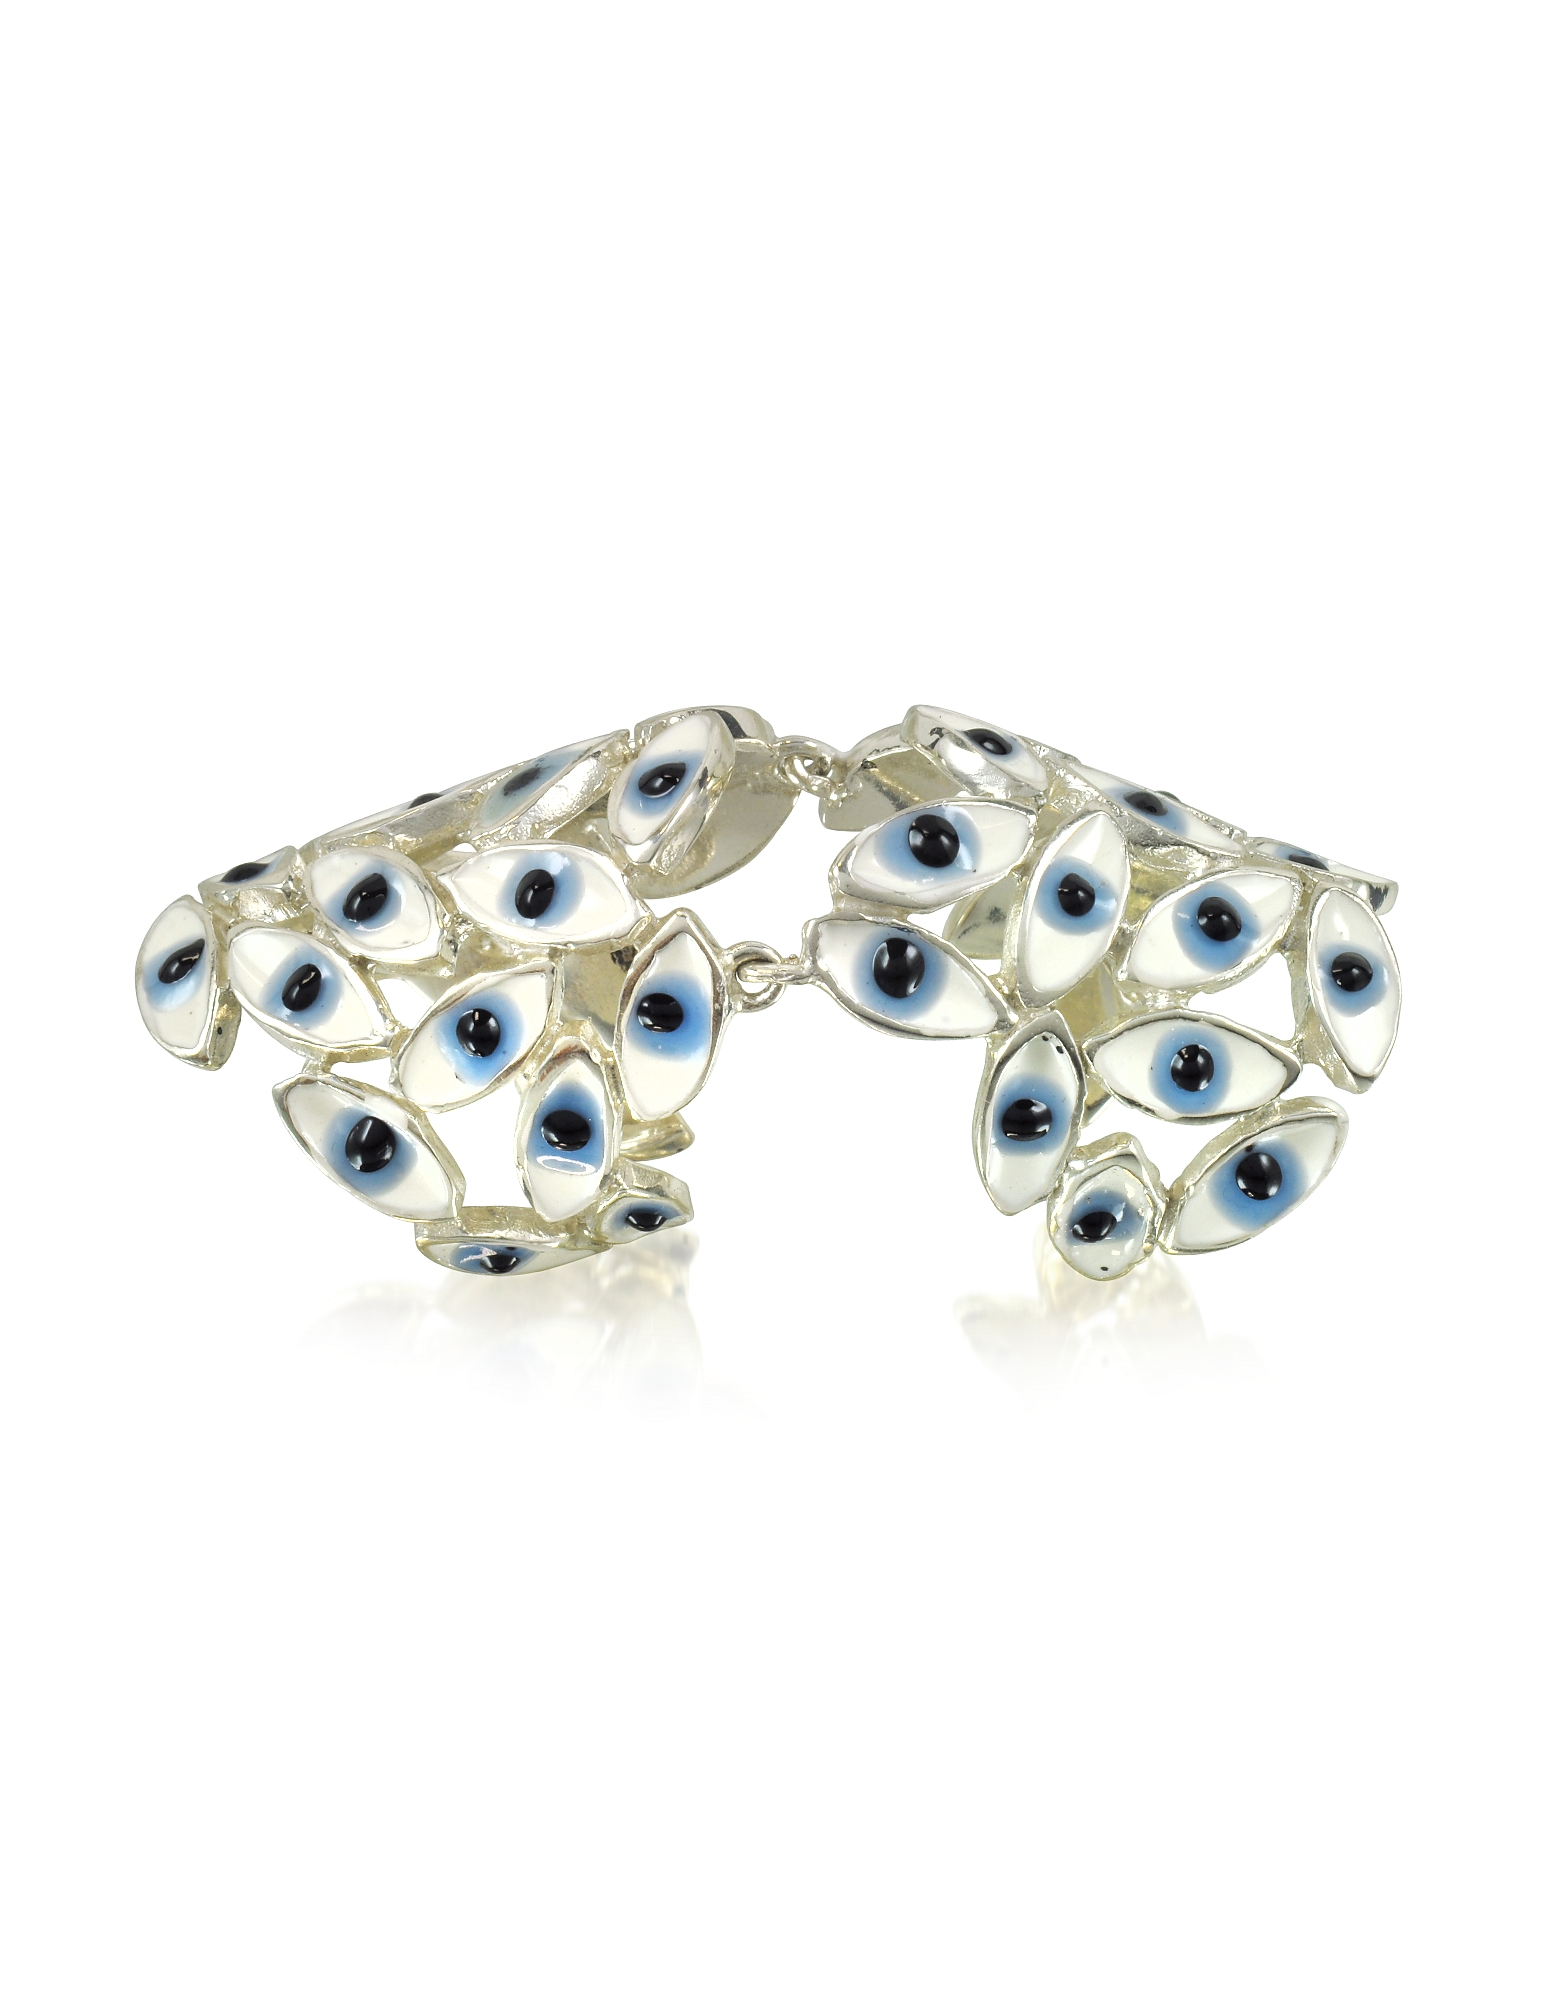 Сочлененное Кольцо из Стерлингового Серебра с Синими Глазами